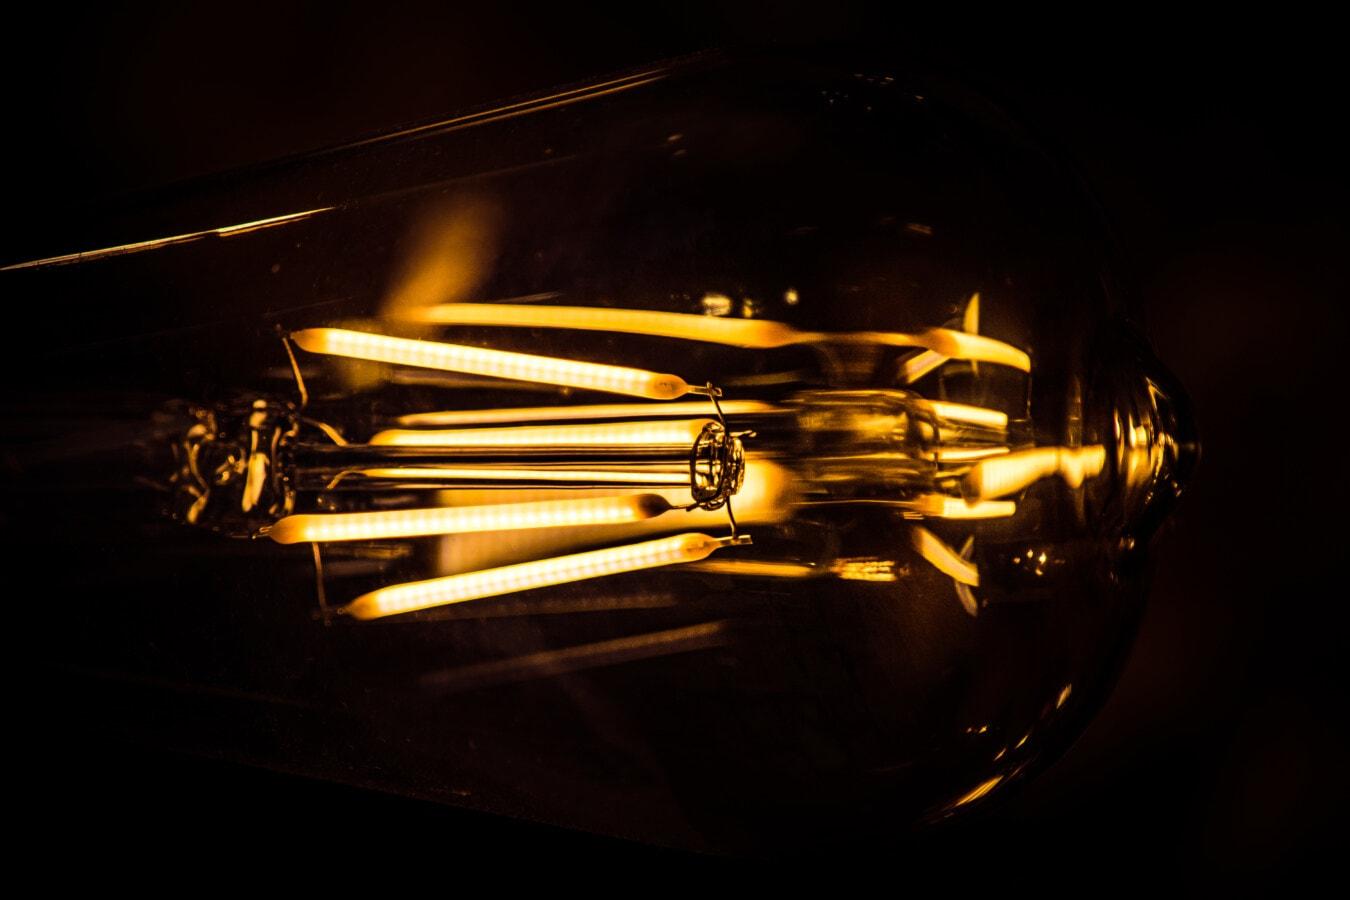 flary, Przewody, żarówki, żarówki, makro, światło, Lumen, ilustracja, luminescencji, ciemny